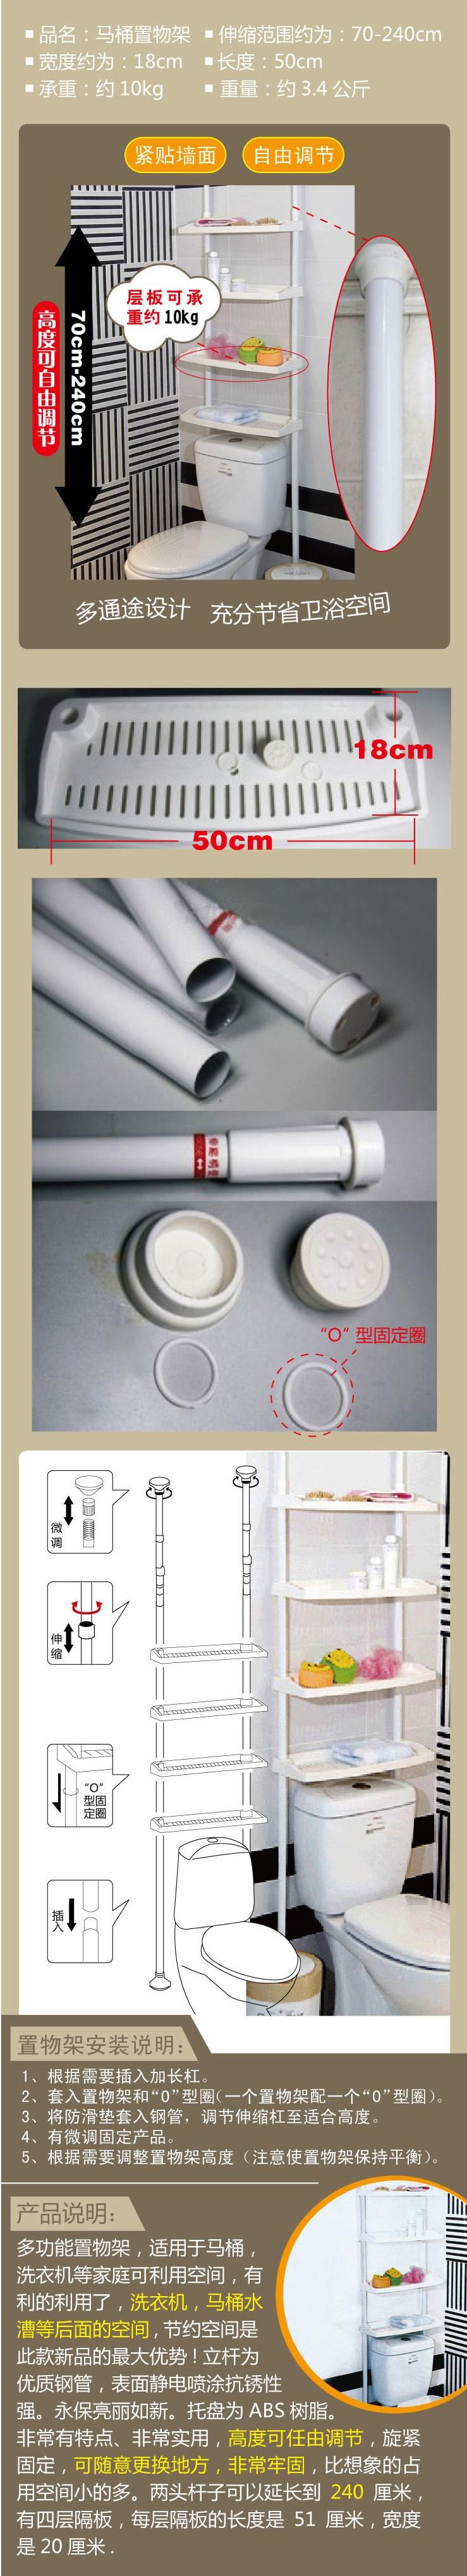 马桶排污口的橡胶怎么安装